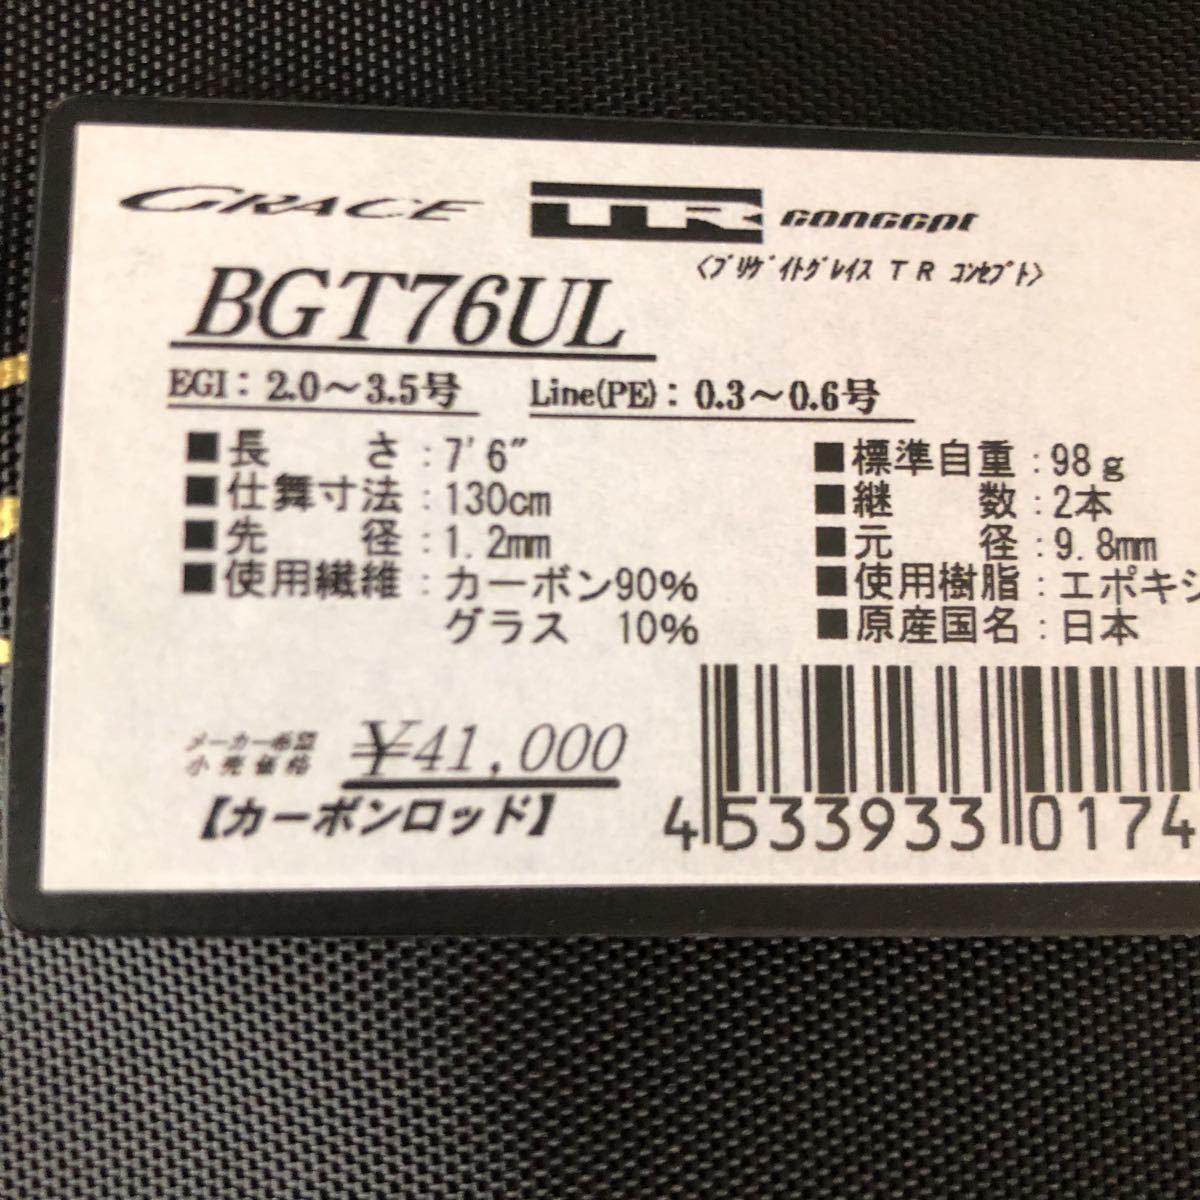 天龍 ブリゲイド グレイス TR コンセプト BGT76UL 新品 決算セール☆_画像4